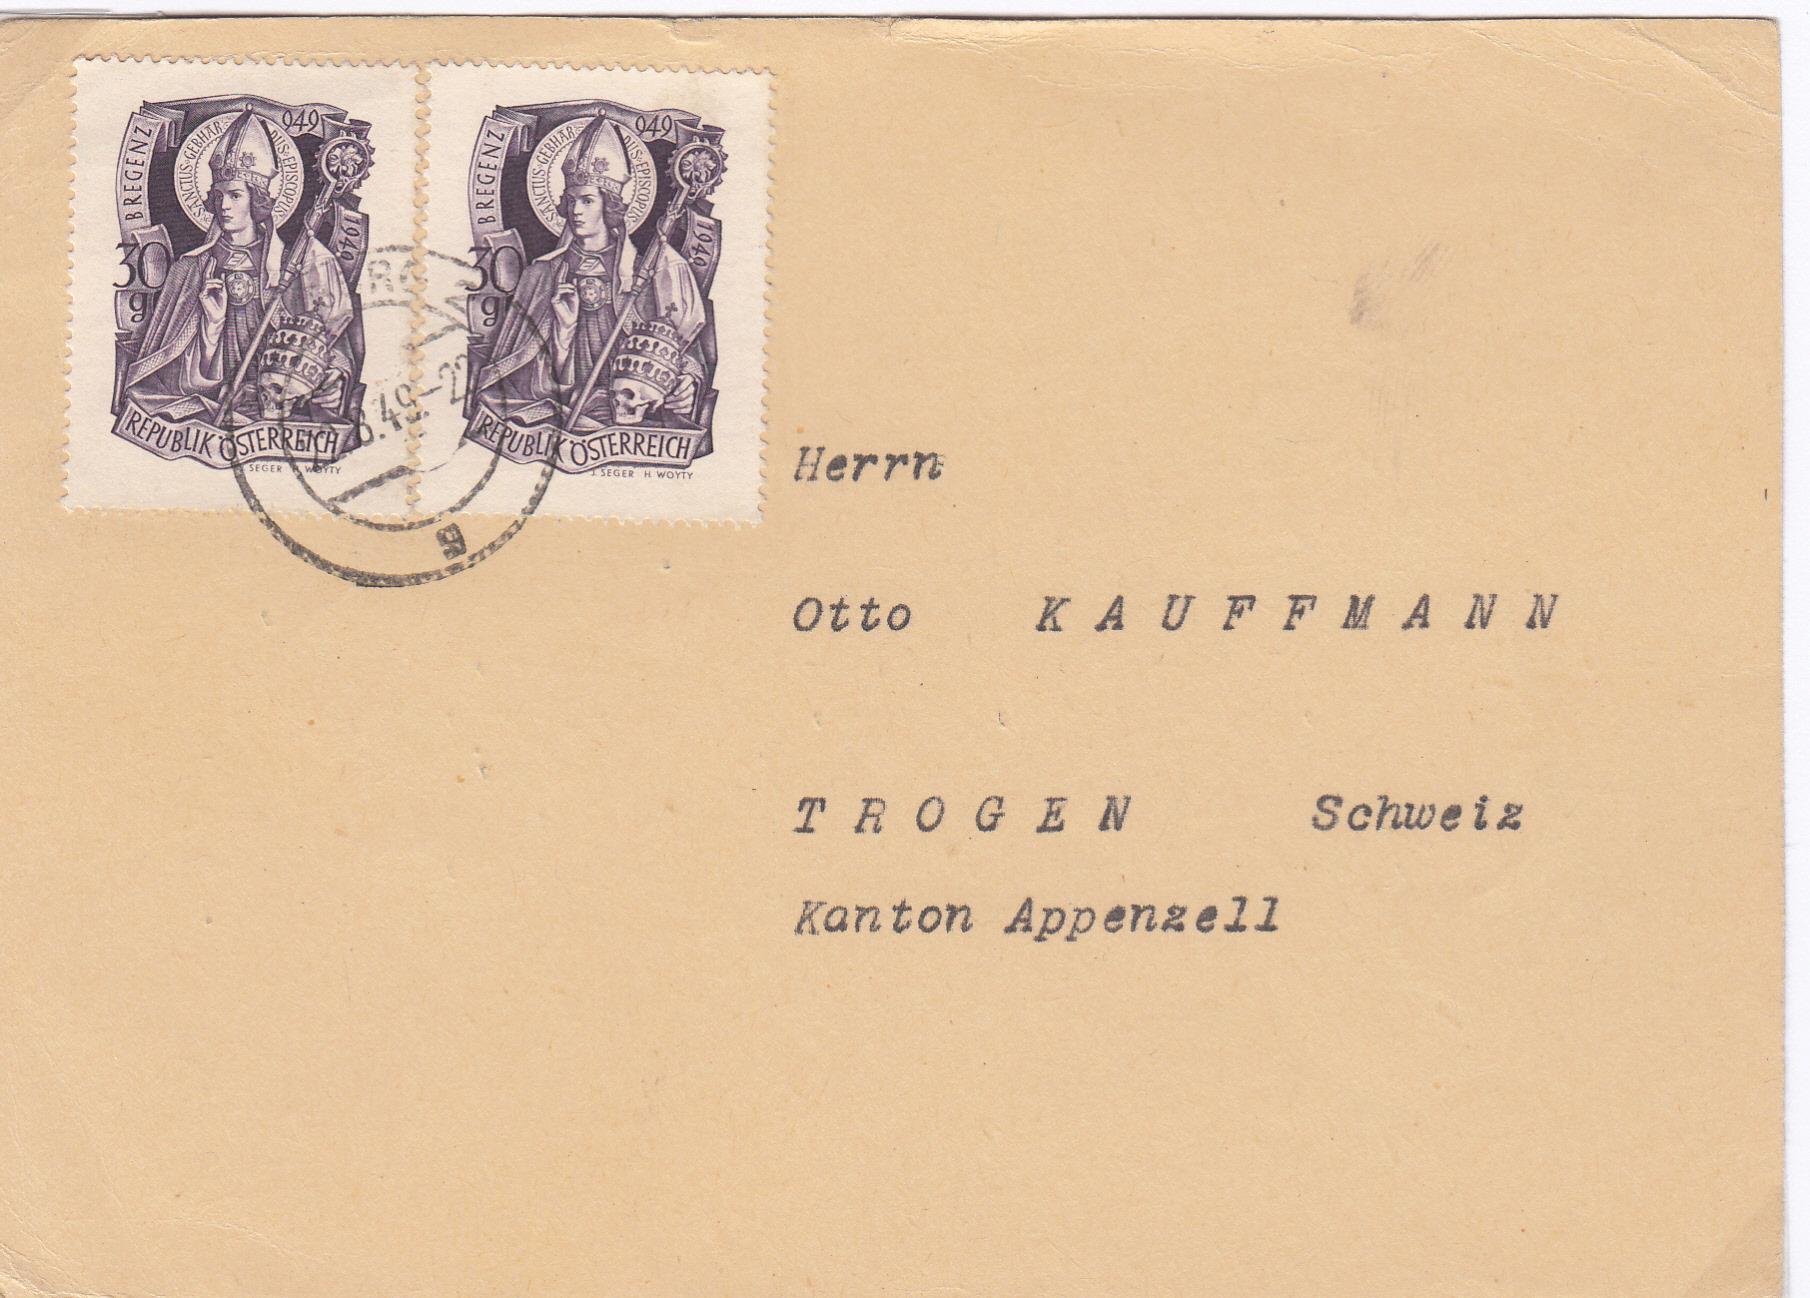 Sammlung Bedarfsbriefe Österreich ab 1945 - Seite 13 Img_0252